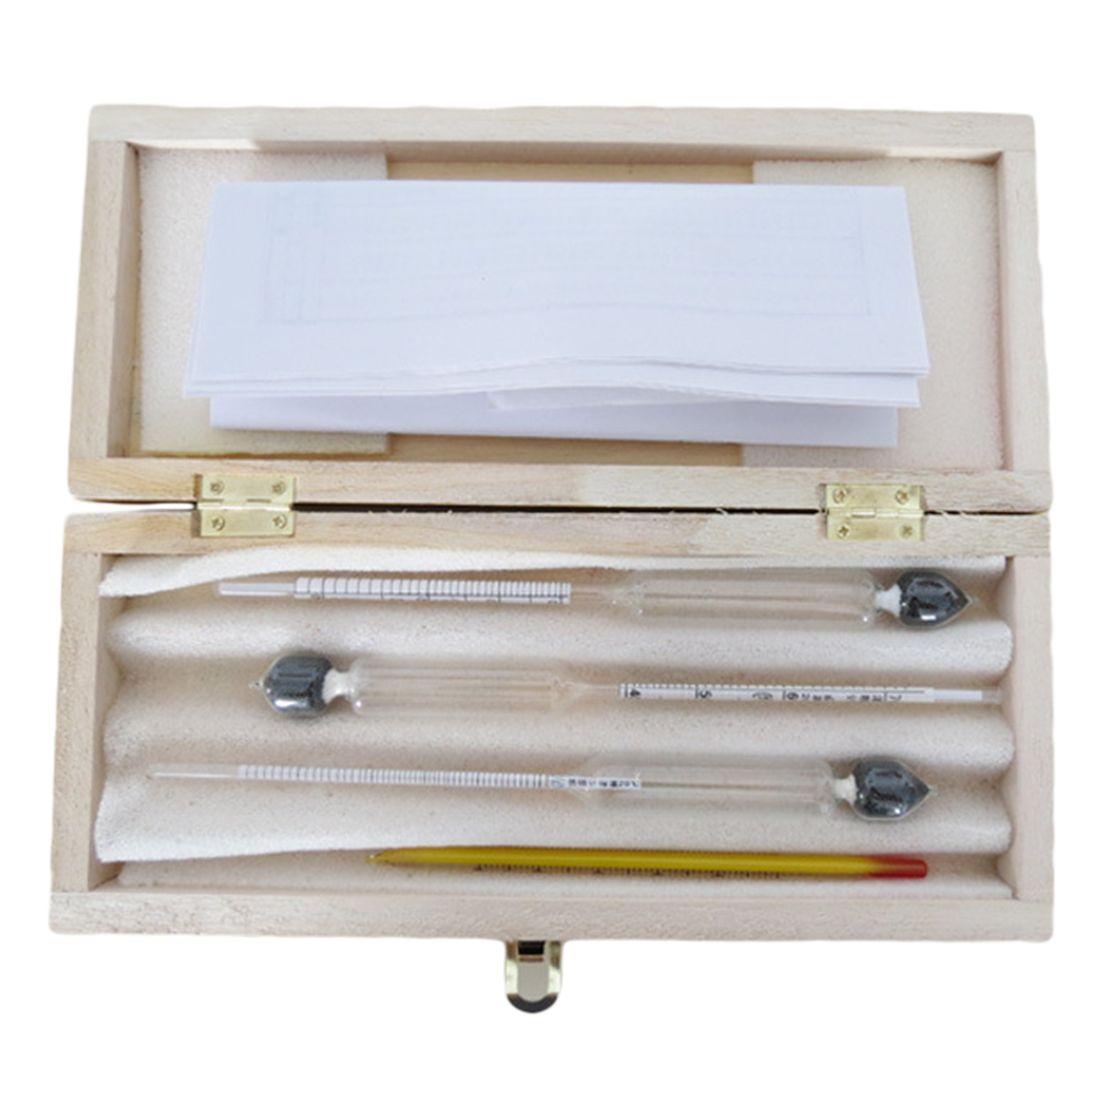 Compteur d'alcool 3 pièces/ensemble compteur d'alcool compteur de Concentration de vin testeur d'hydromètre d'instrument d'alcool